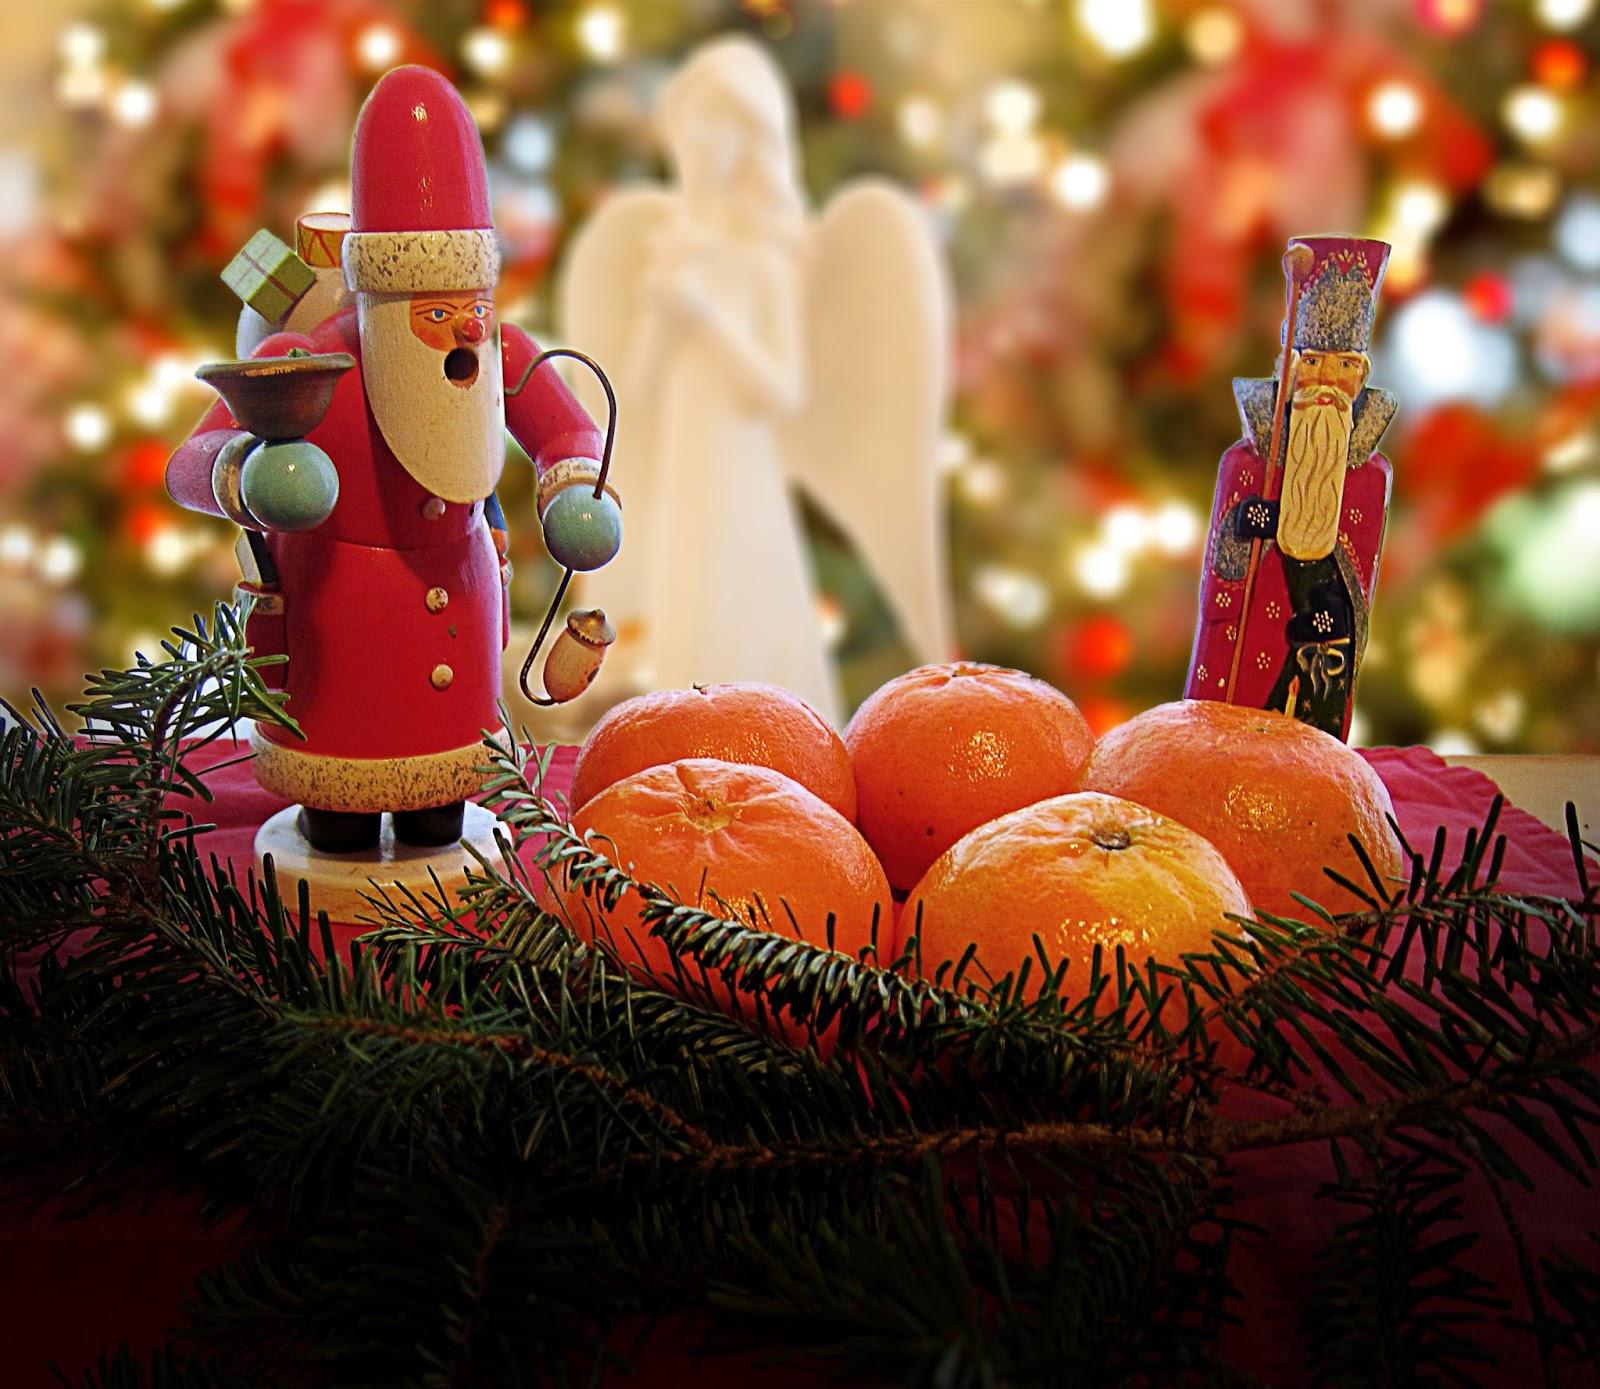 Florida christmas ornament - Florida Christmas Ornament 49